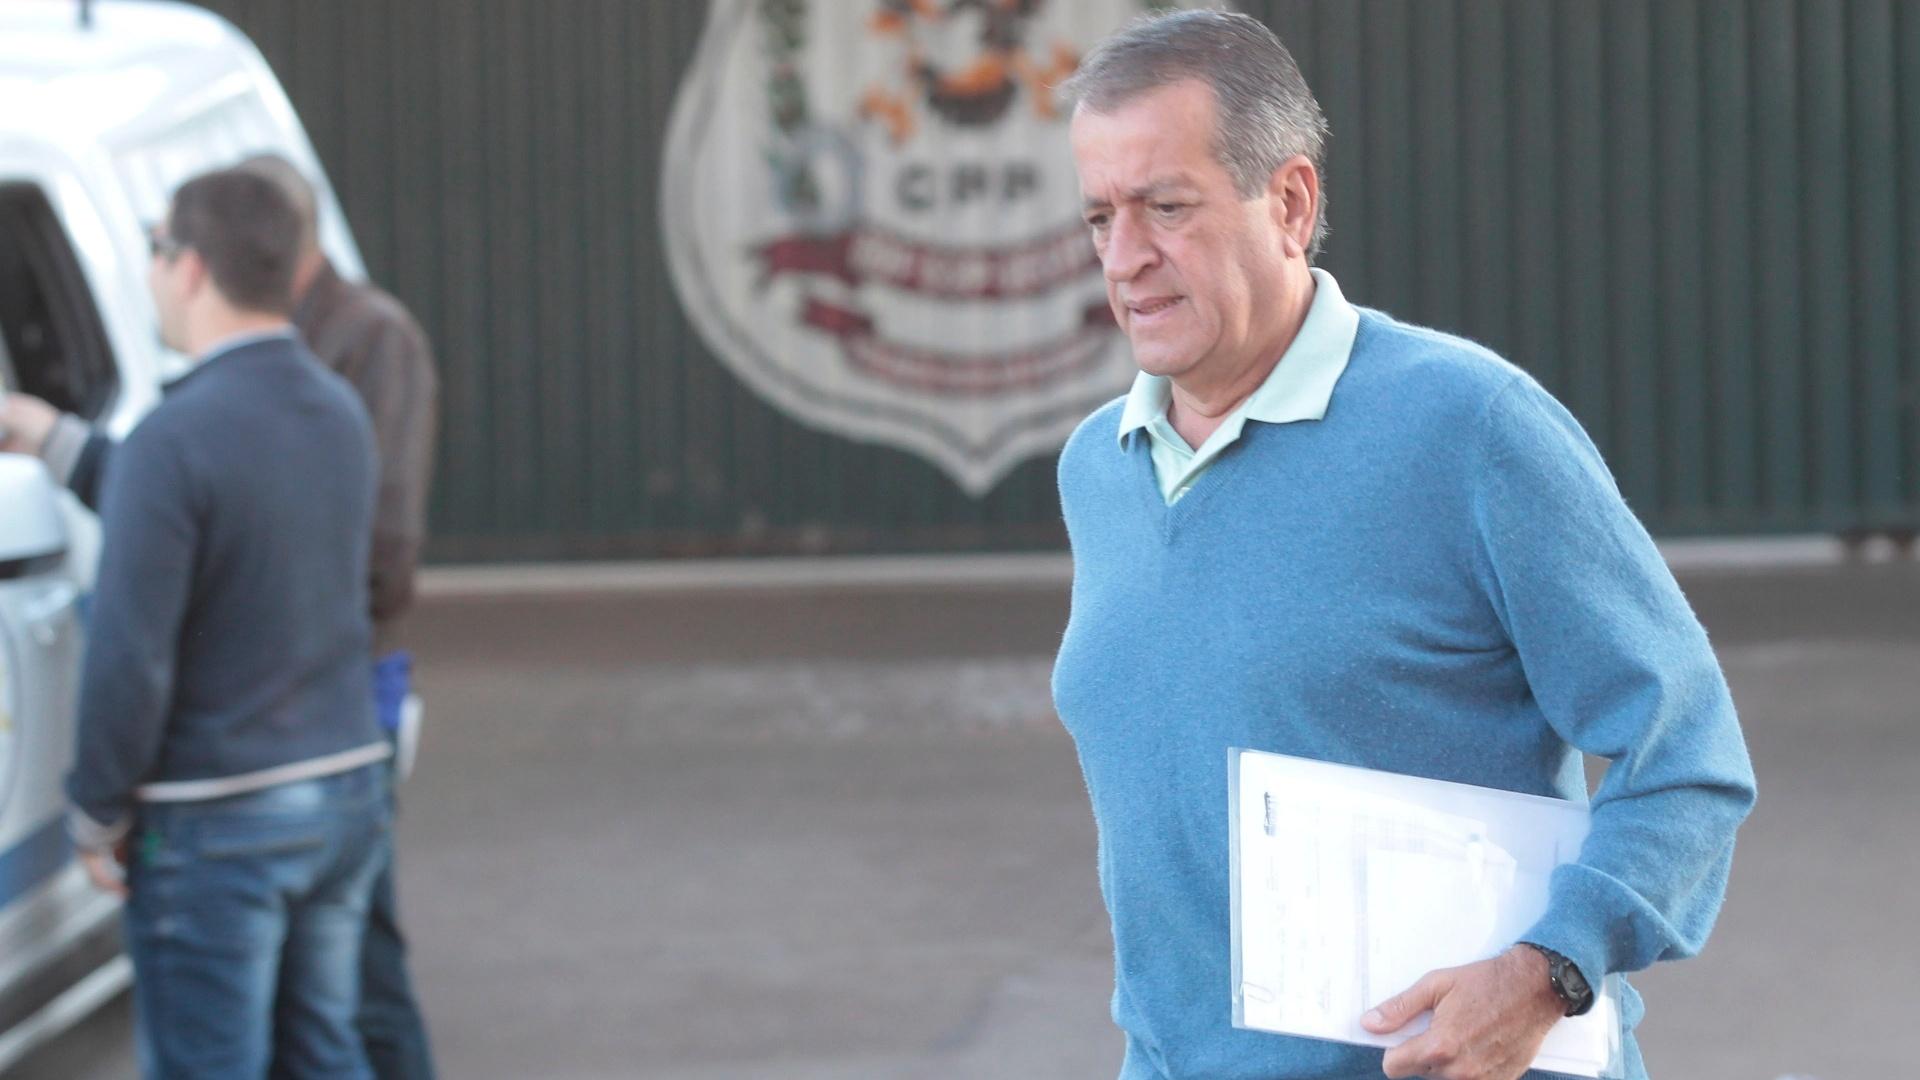 10.jul.2014 - Condenado no julgamento do mensalão no STF (Supremo Tribunal Federal), Valdemar Costa Neto deixa o CPP (Centro de Pogressão Penitenciária), em Brasília, nesta quinta-feira (10), para trabalhar